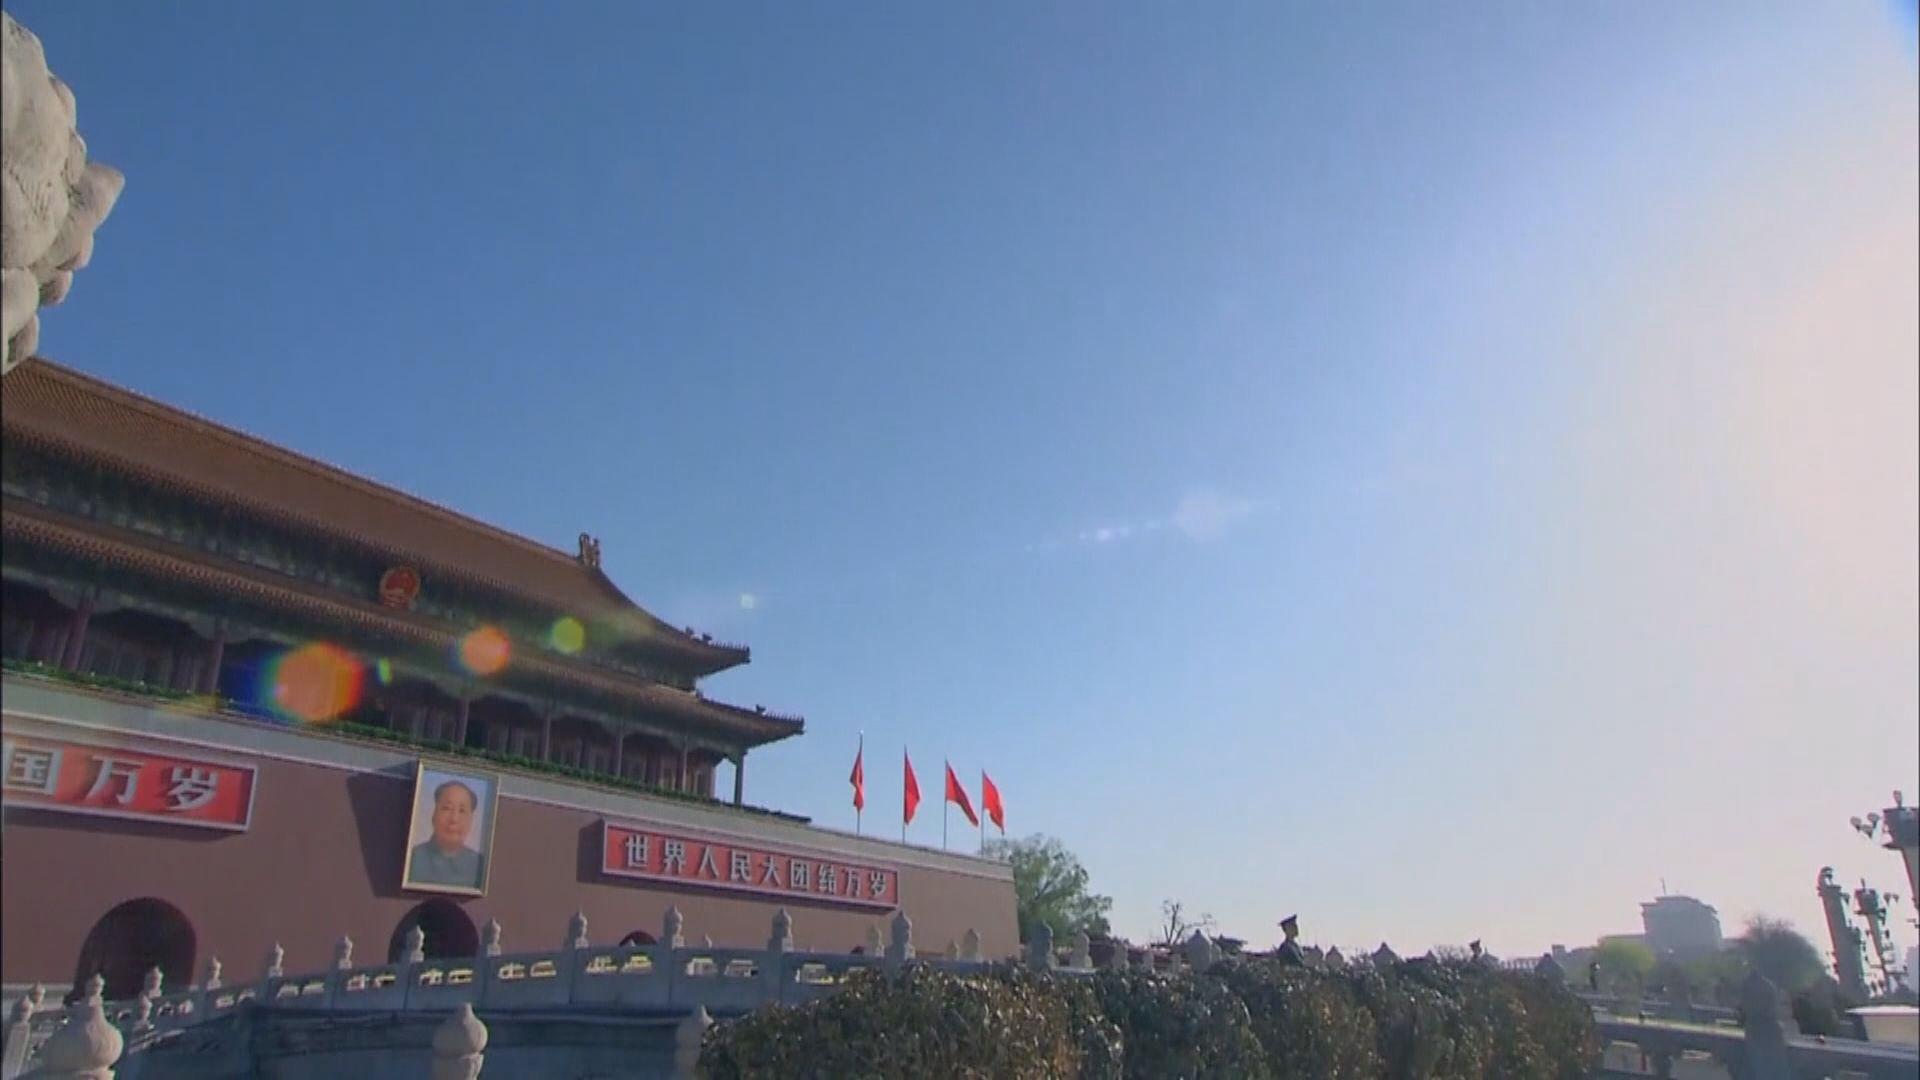 中國發表美國侵犯人權報告 指大選後暴動凸顯美式民主危機